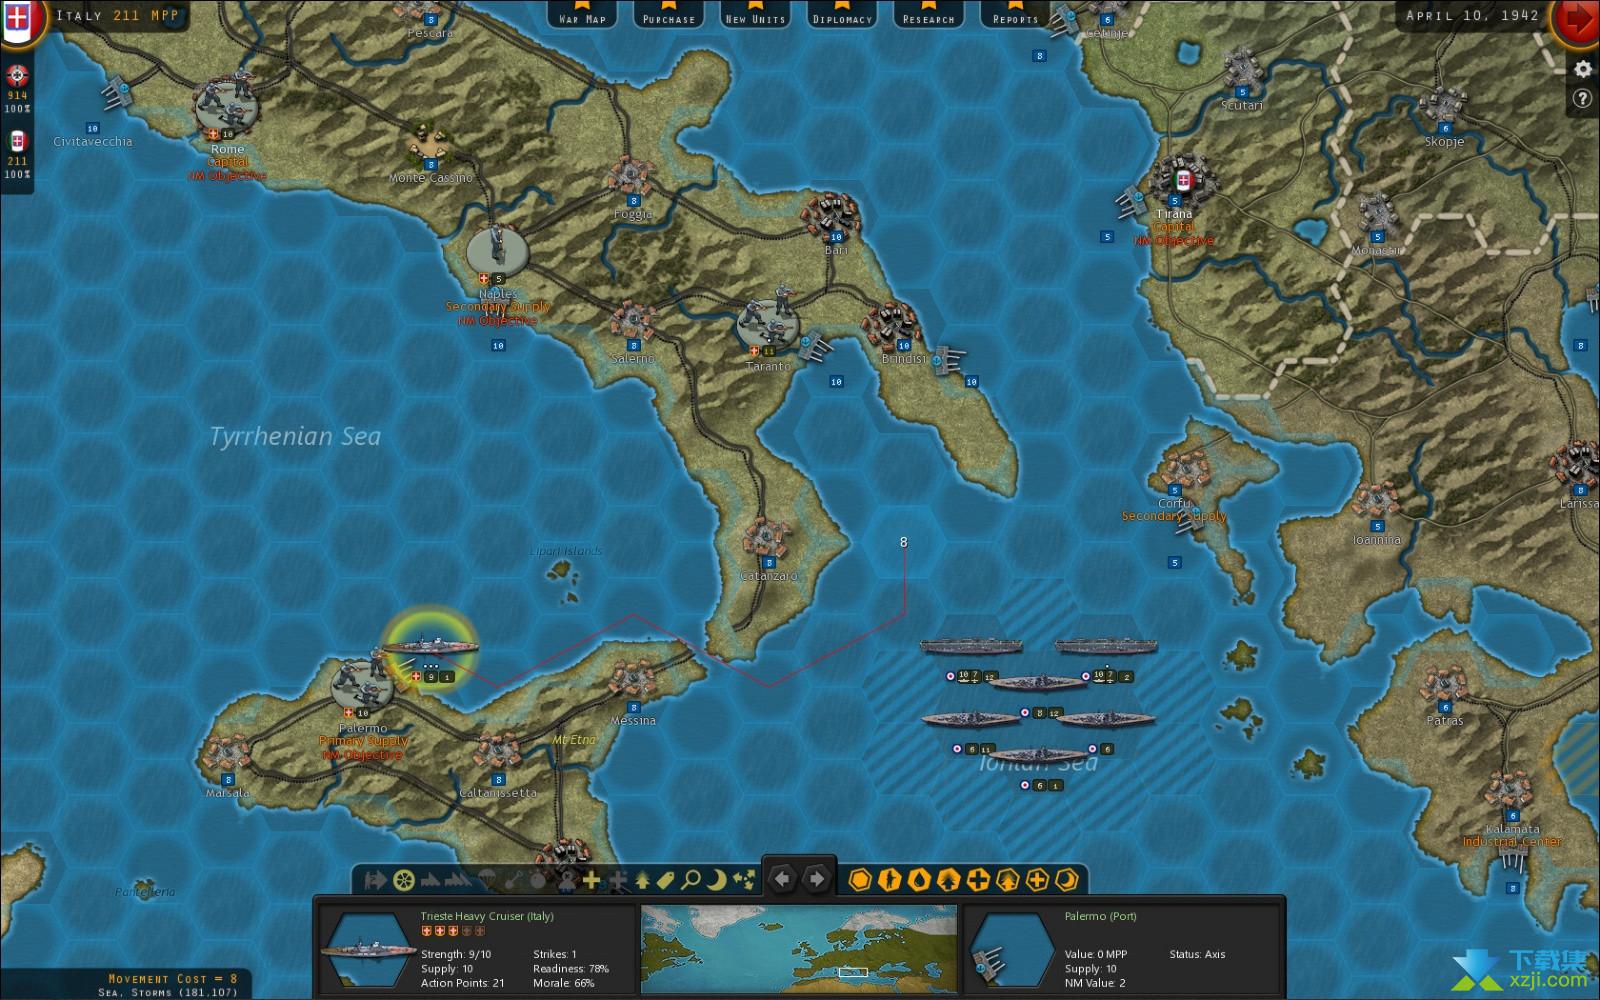 战略命令二战-欧洲战场界面1